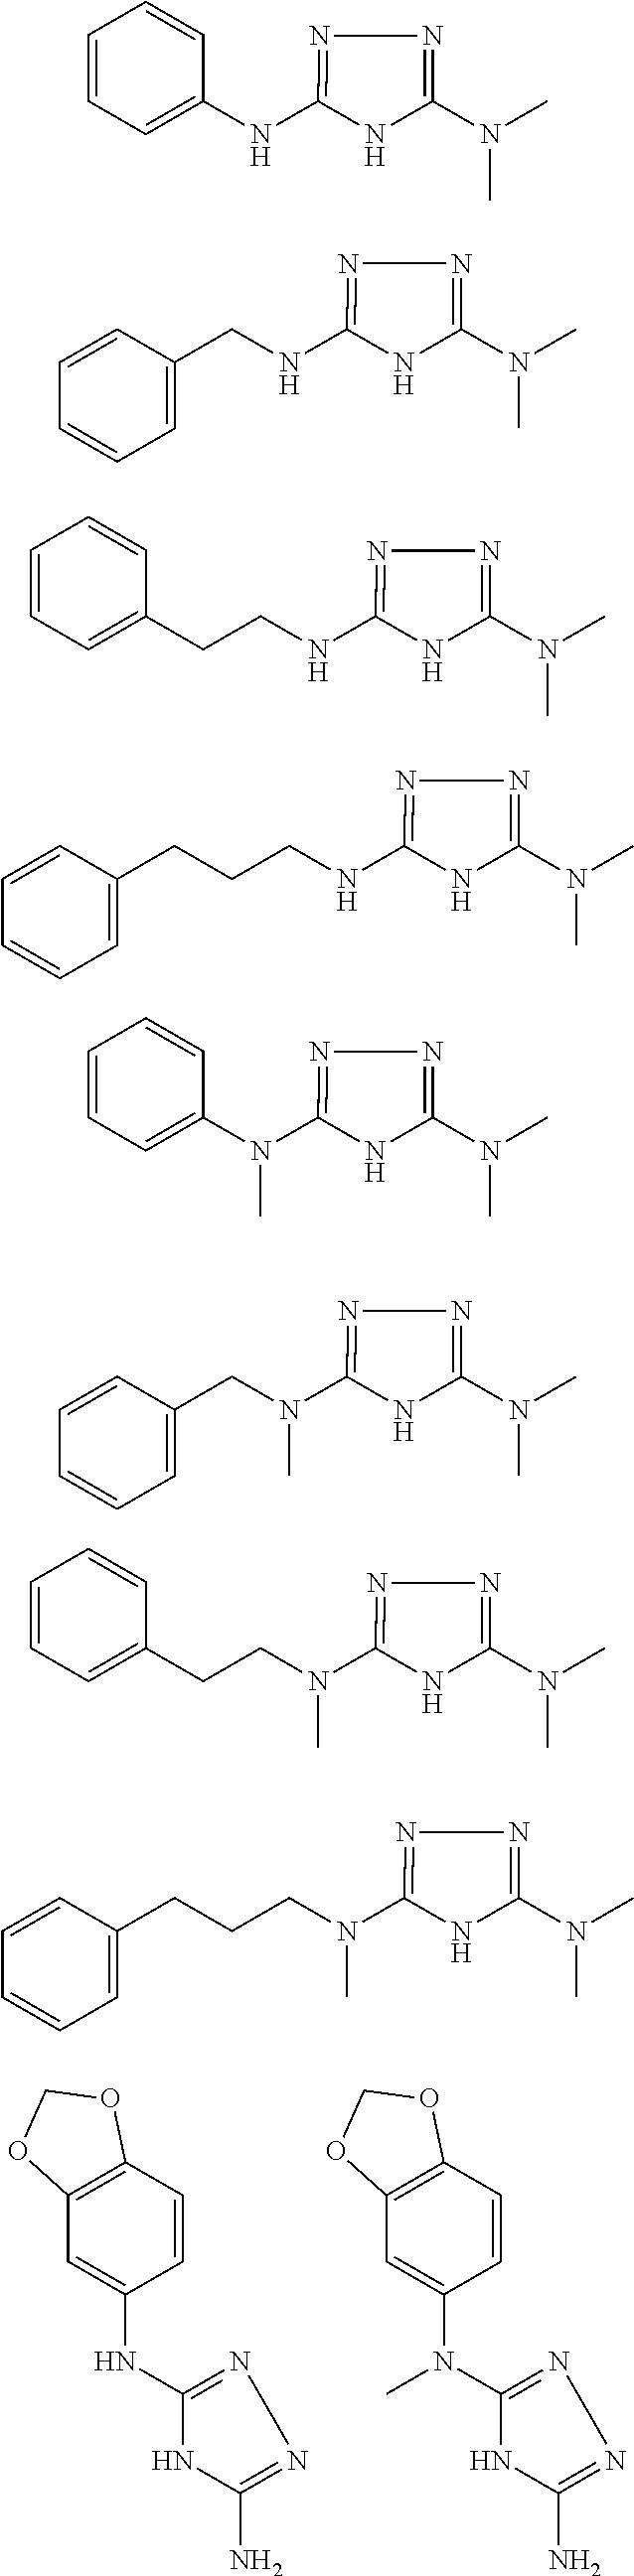 Figure US09480663-20161101-C00060